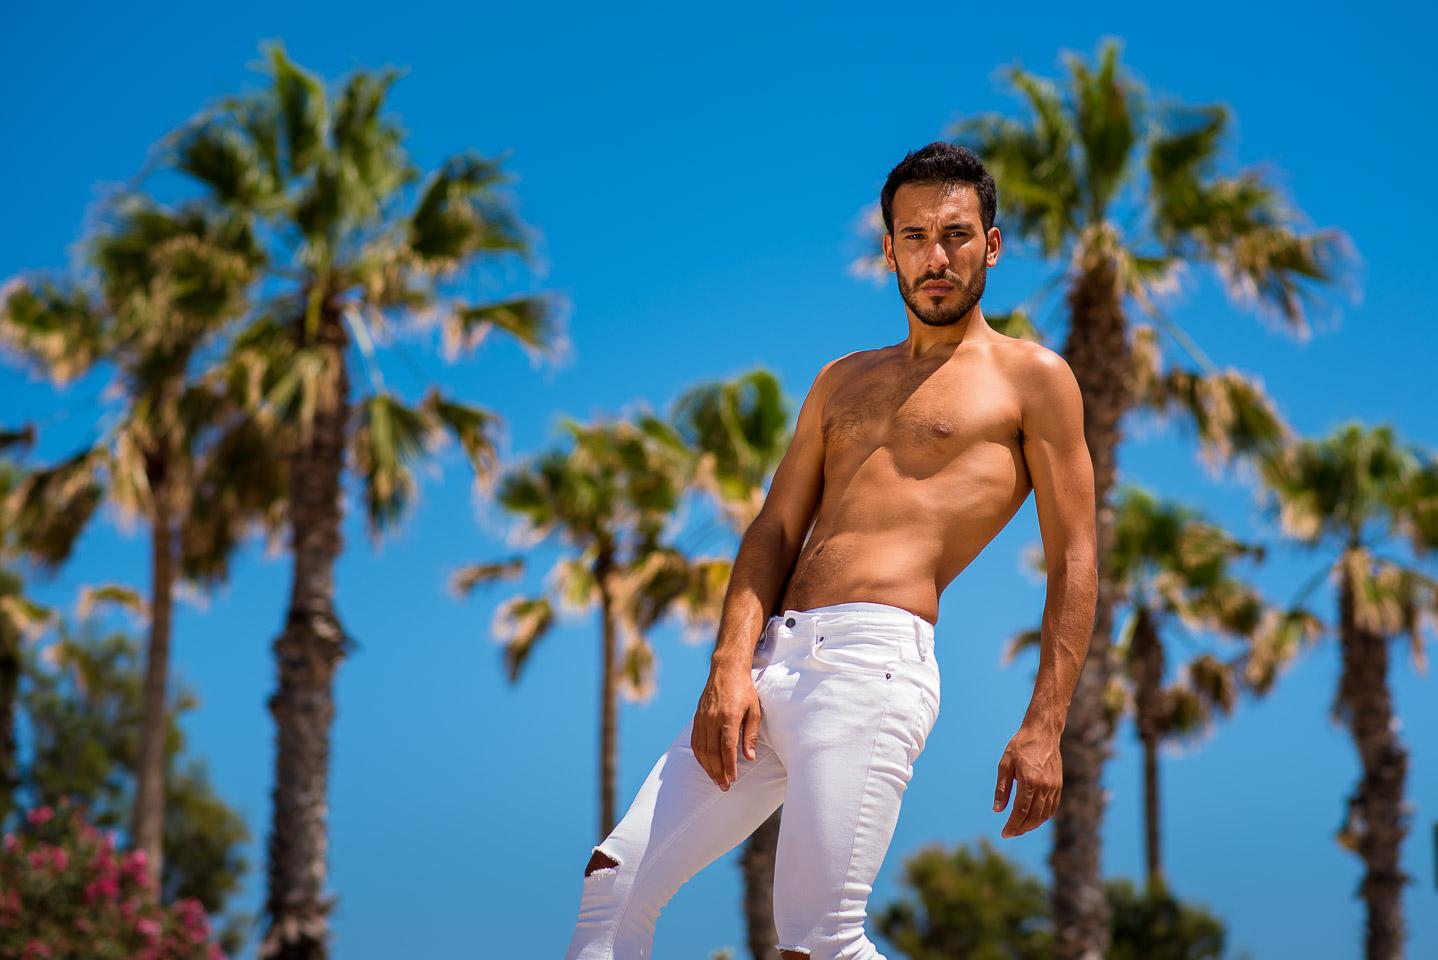 Lucho en la playa de la Patacona durante su sesión de moda en Valencia